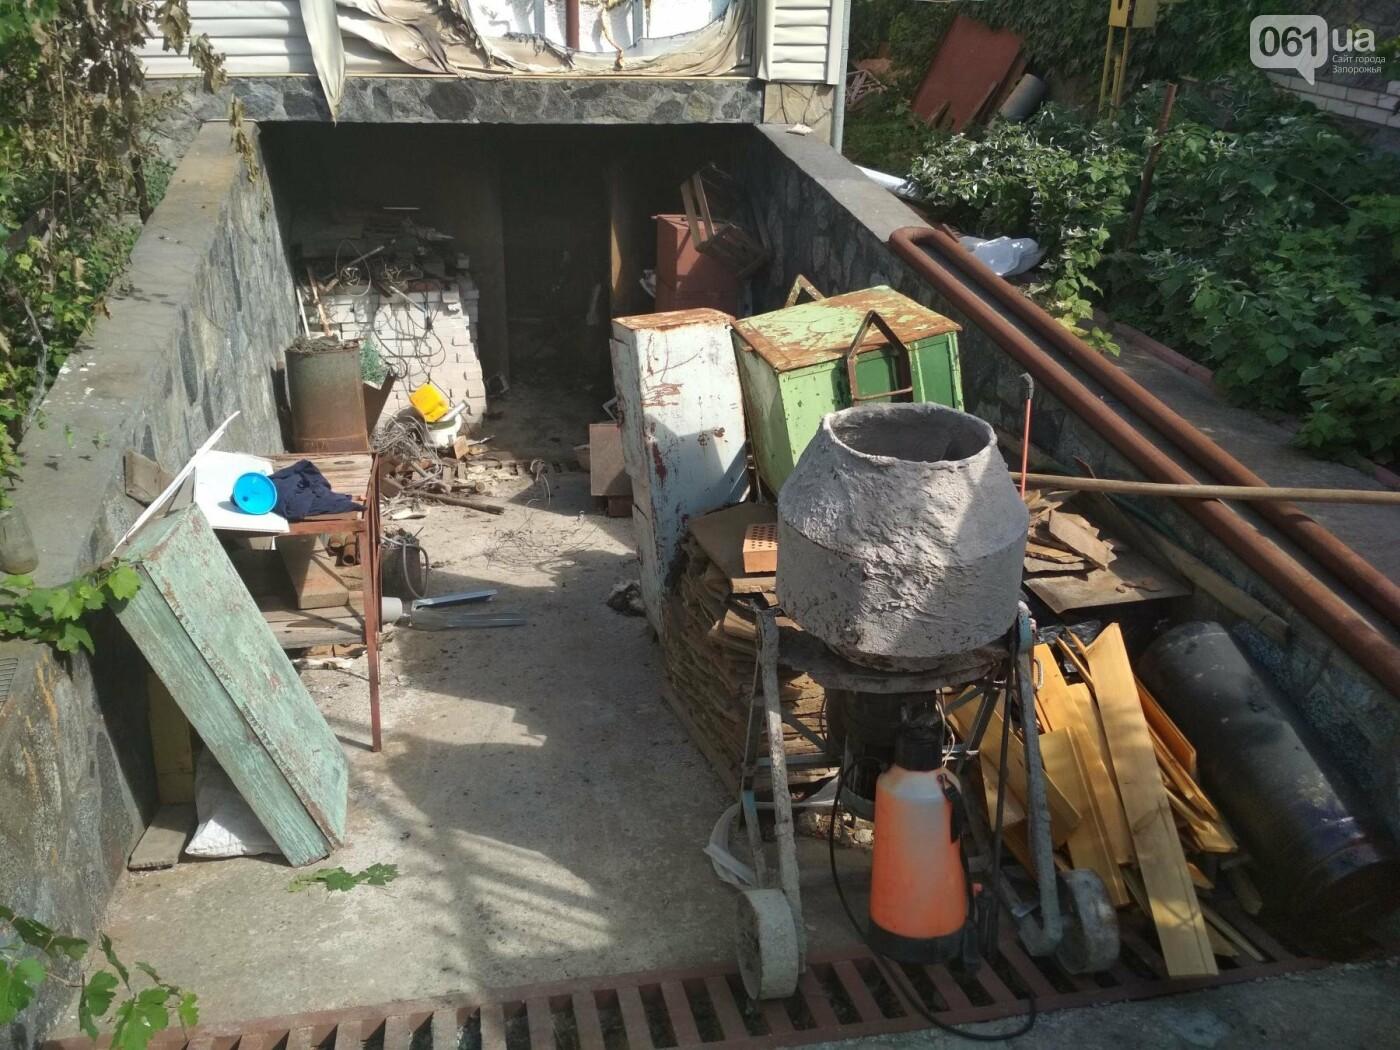 В Приморске загорелся частный дом - владелец в больнице, - ФОТО, фото-2